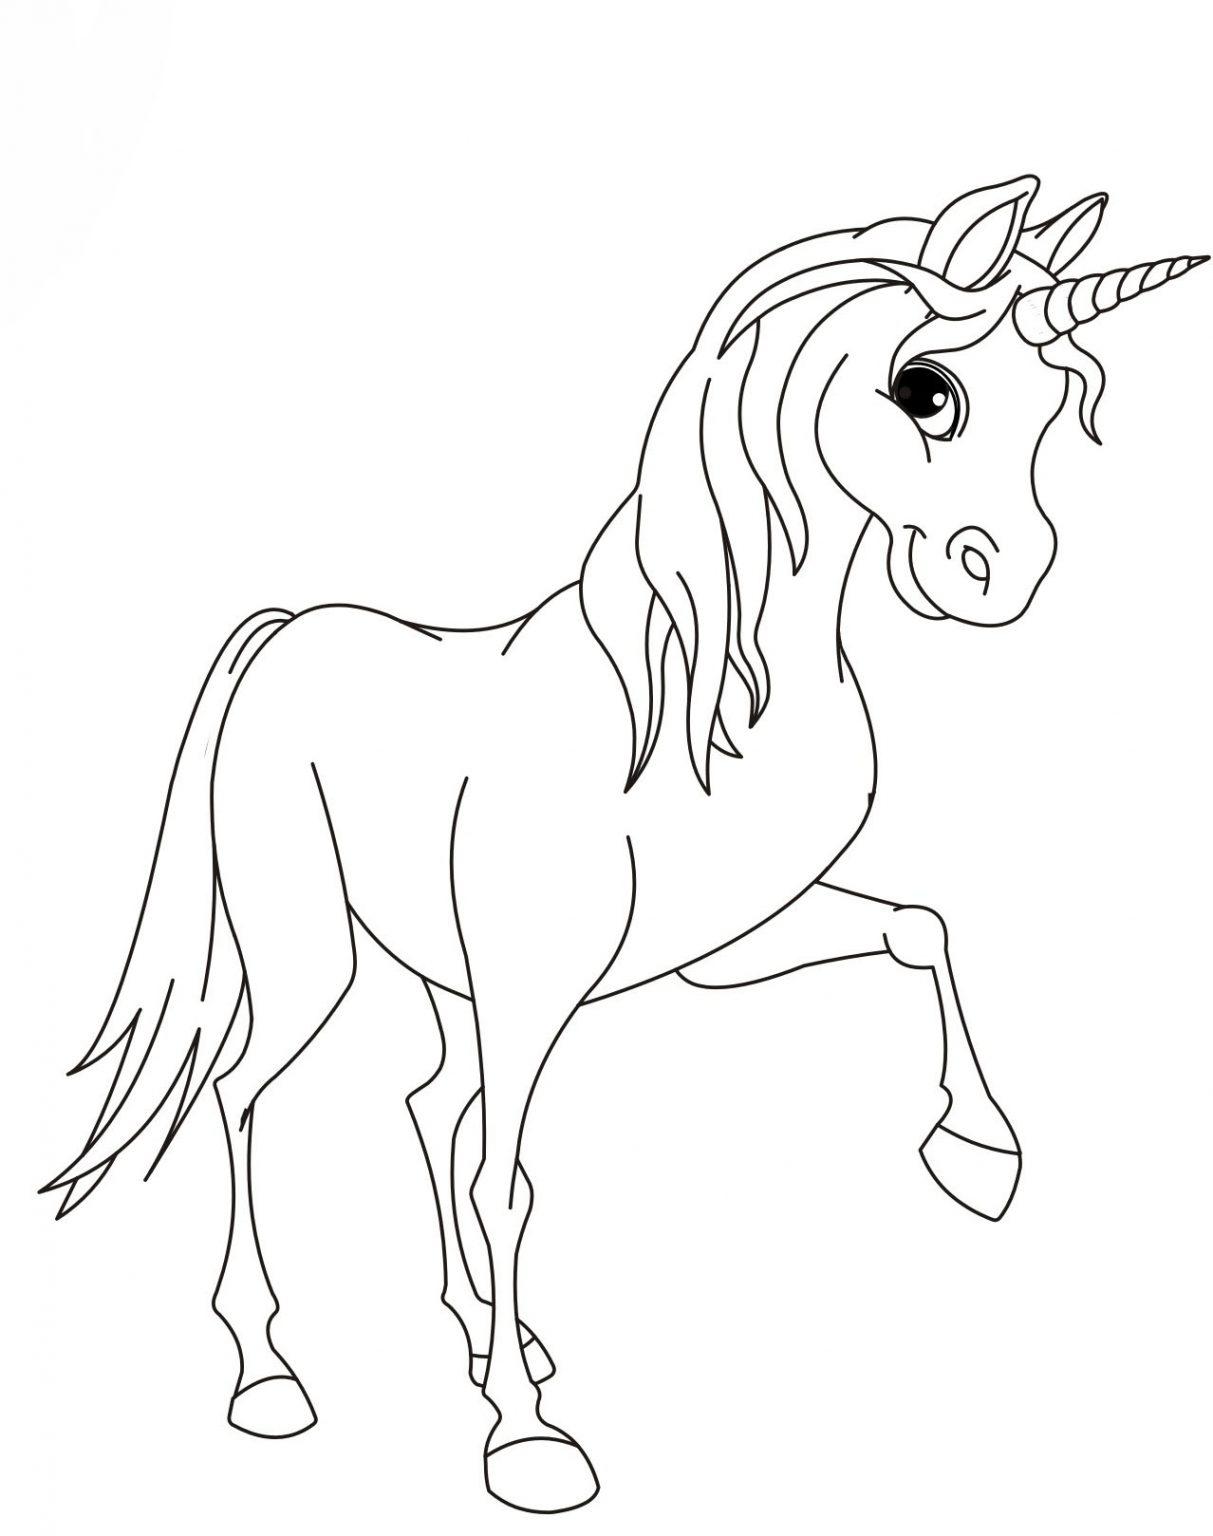 Pegasus Ausmalbilder Zum Ausdrucken - kinderbilder